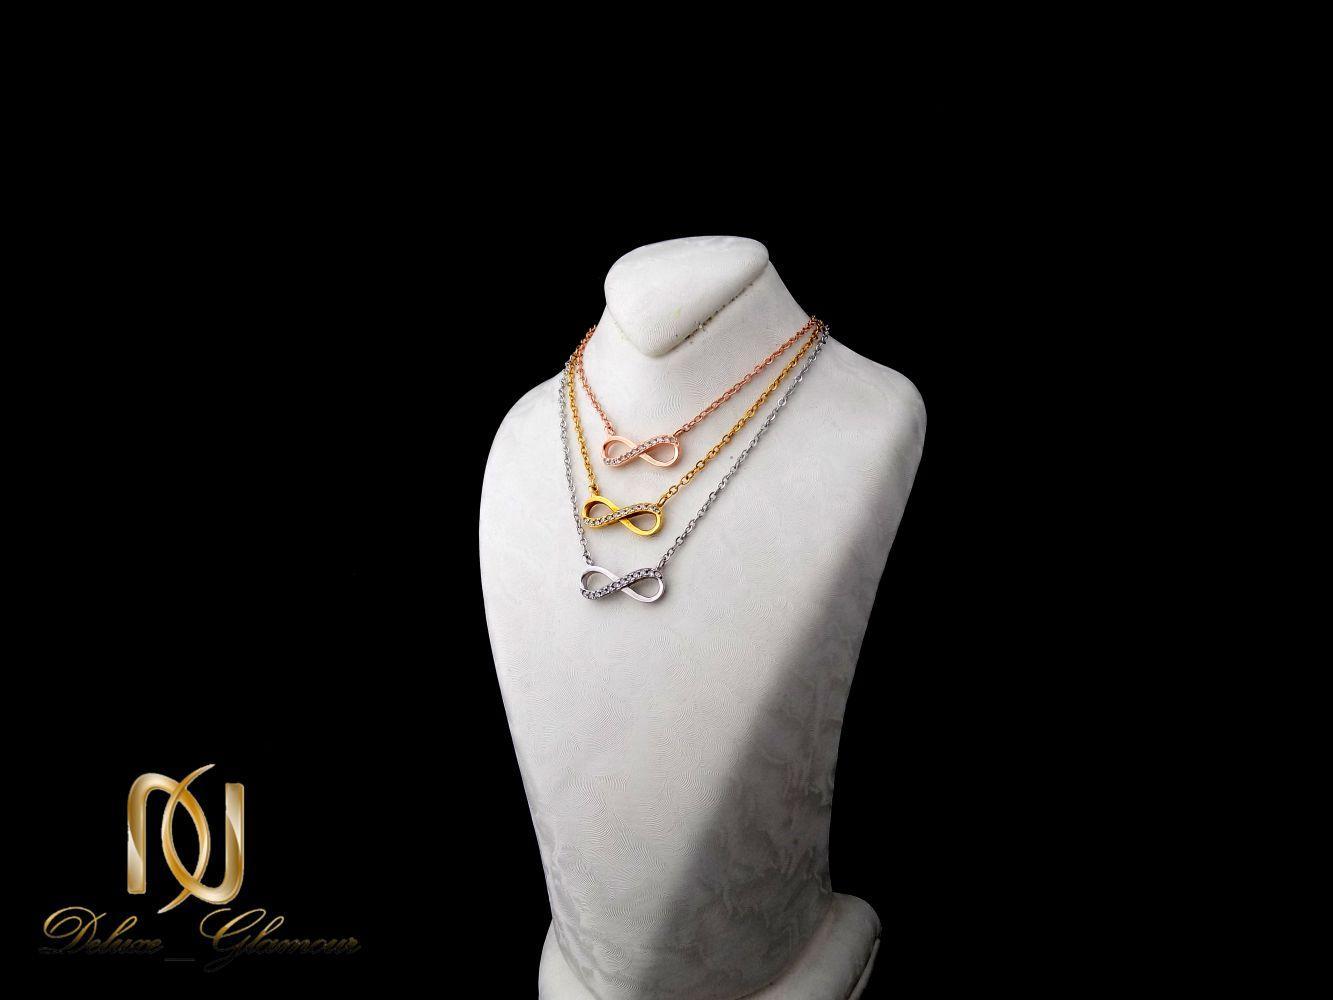 گردنبند نقره دخترانه سه رنگ و سه ردیفه طرح بینهایت Nw-n251 (3)